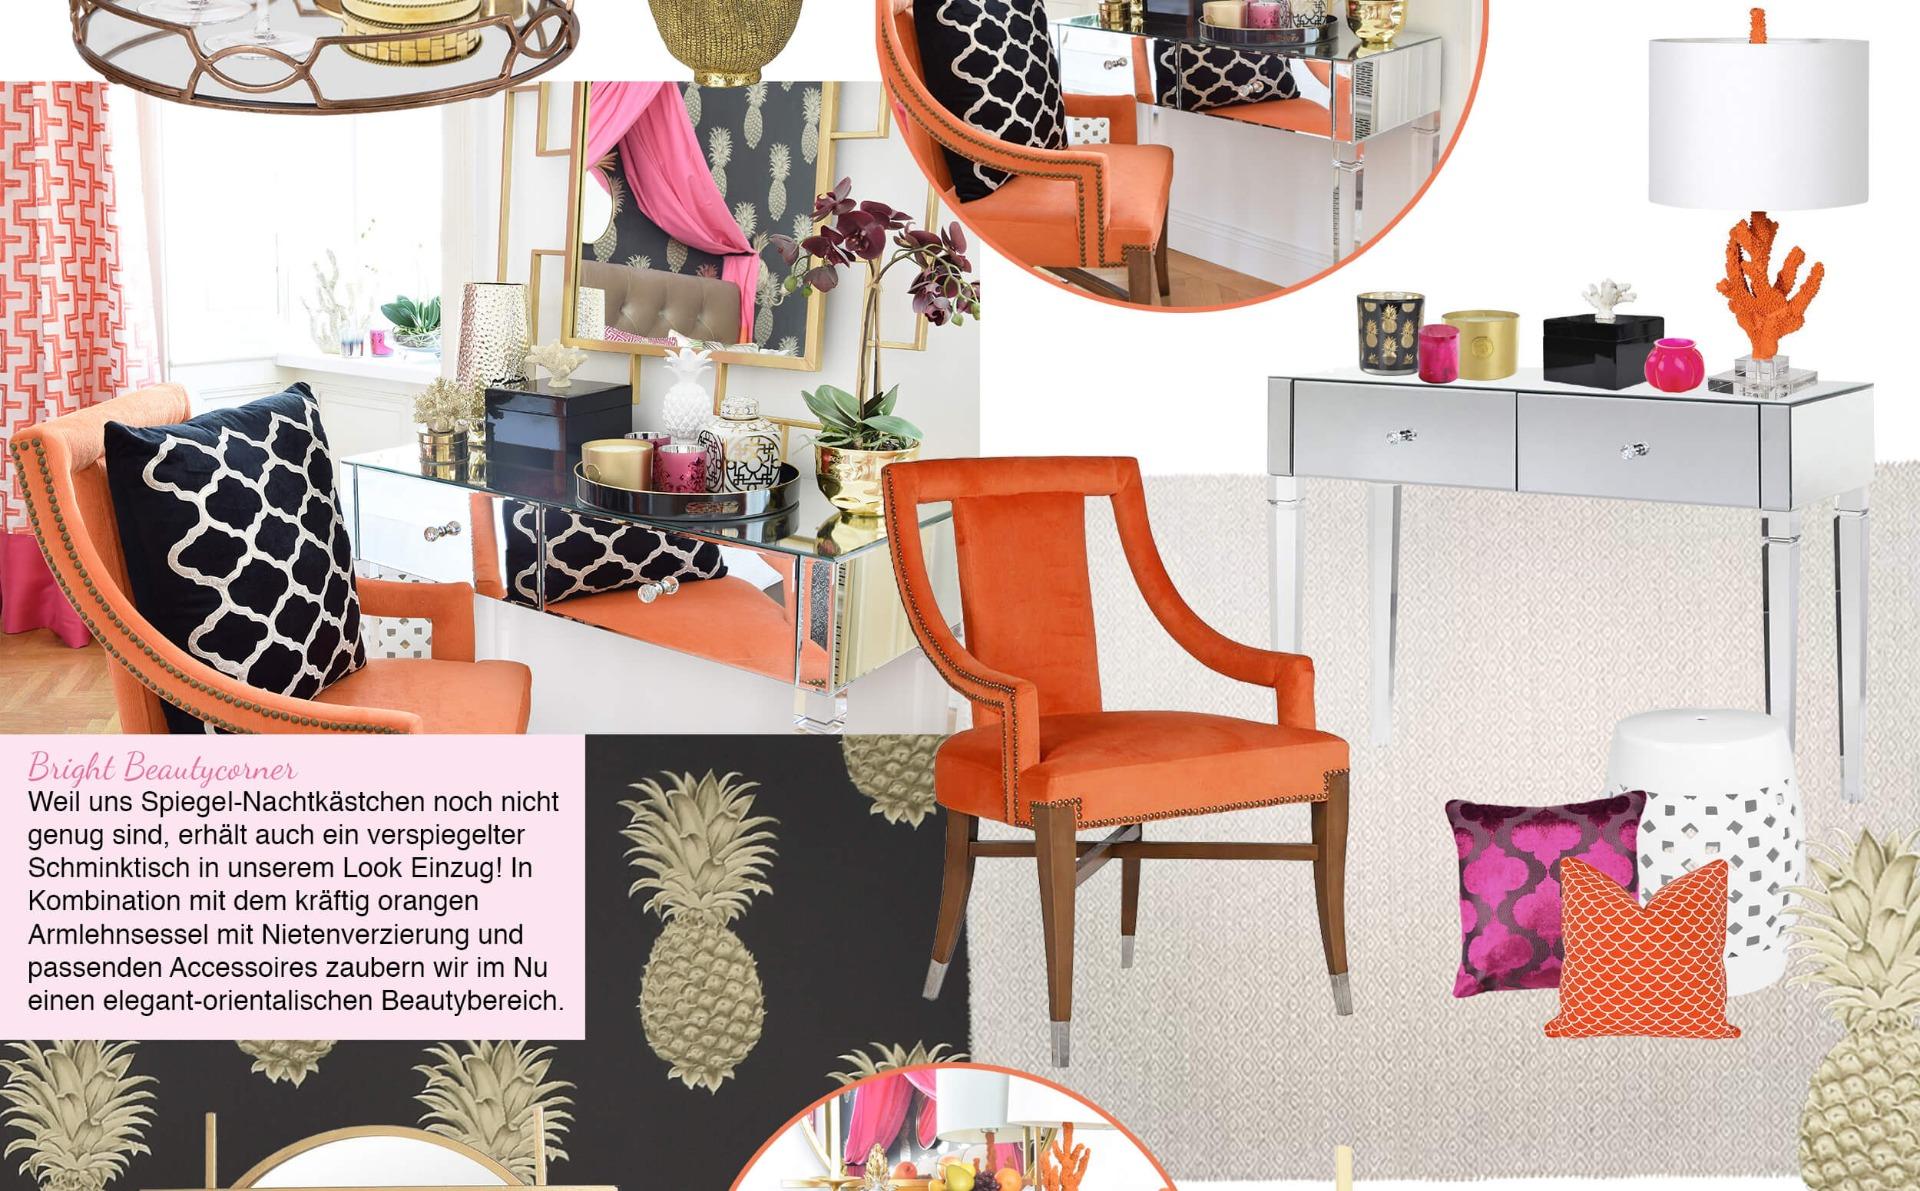 schlafzimmer orientalisch gestalten coole ideen f rs schlafzimmer ikea schiebet ren schlafsofas. Black Bedroom Furniture Sets. Home Design Ideas